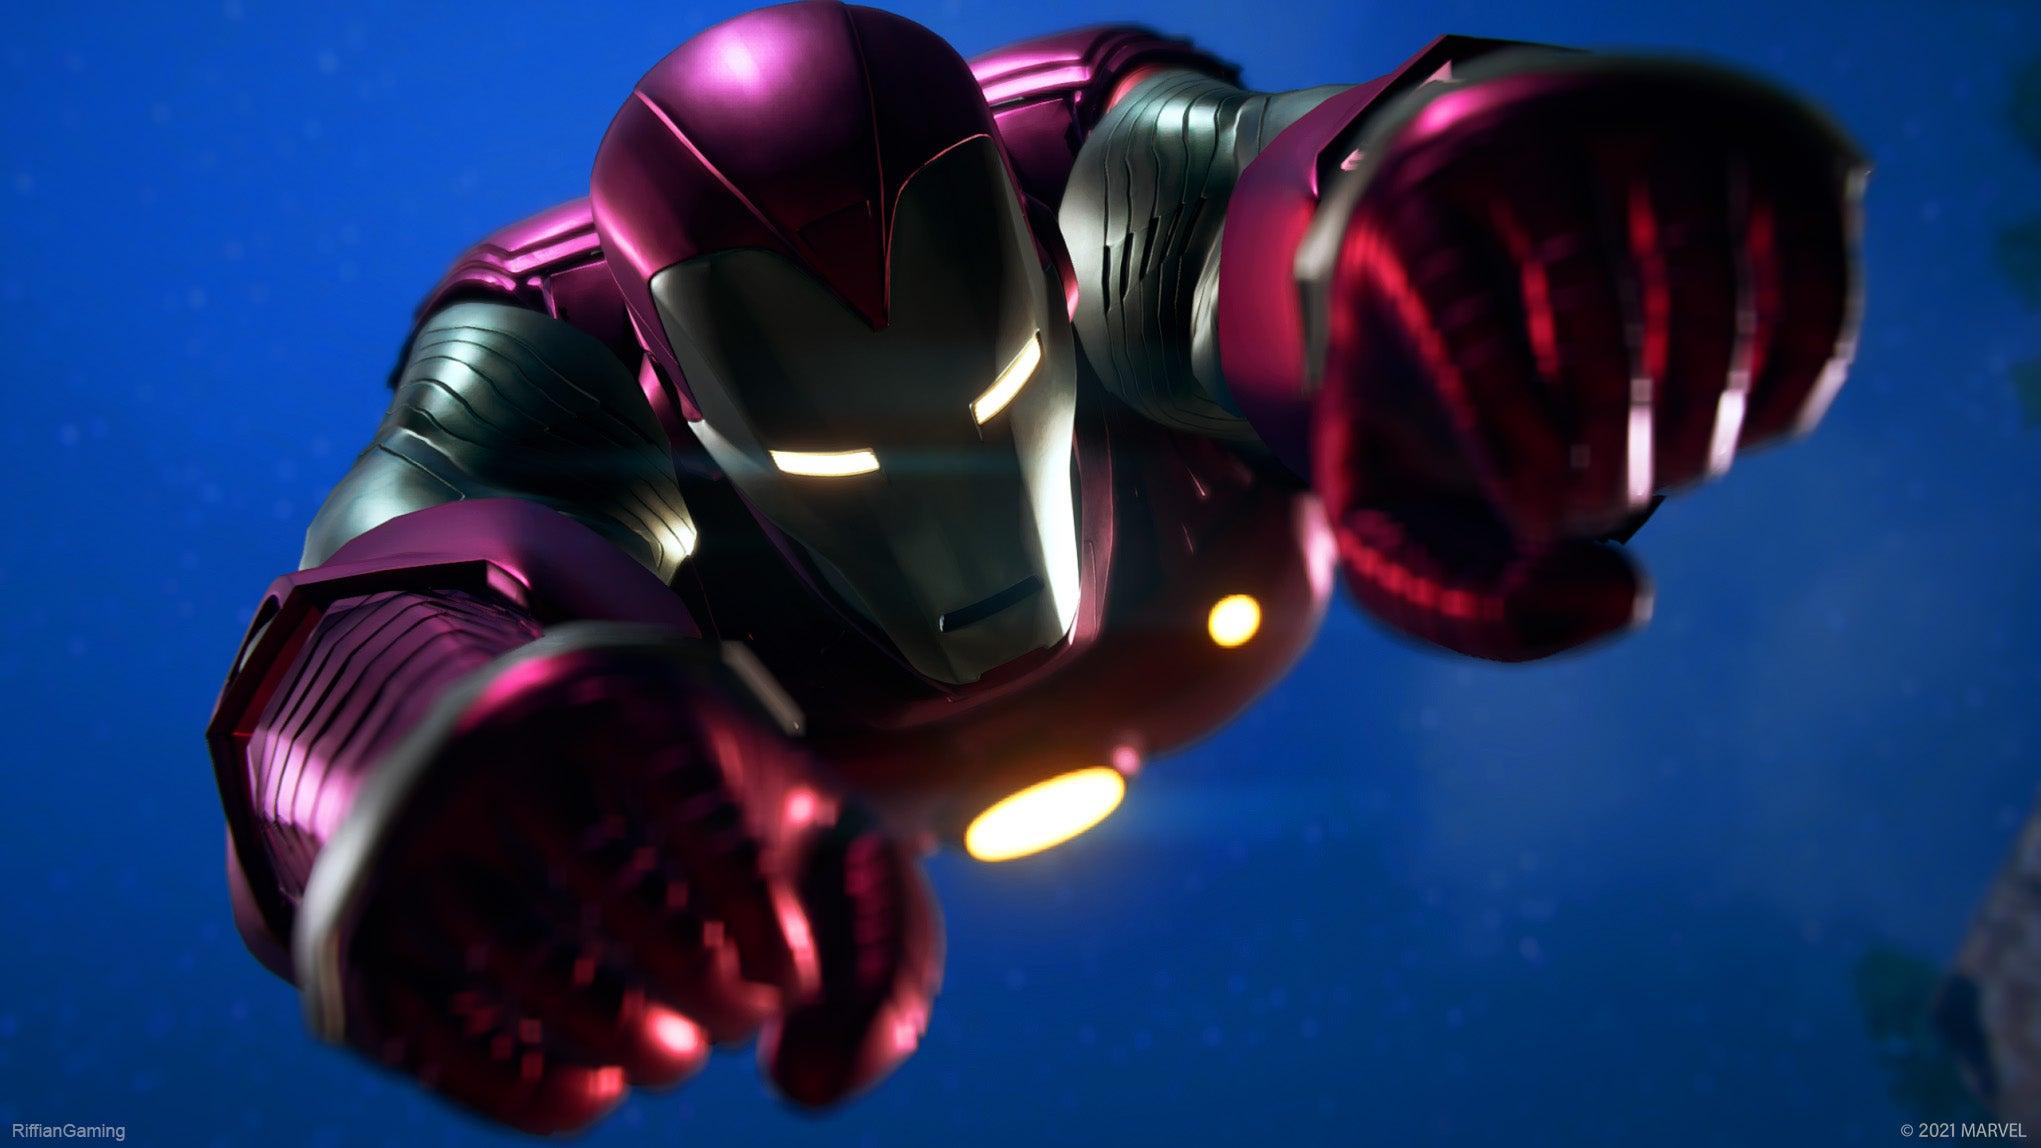 Iron Man flying towards the camera.